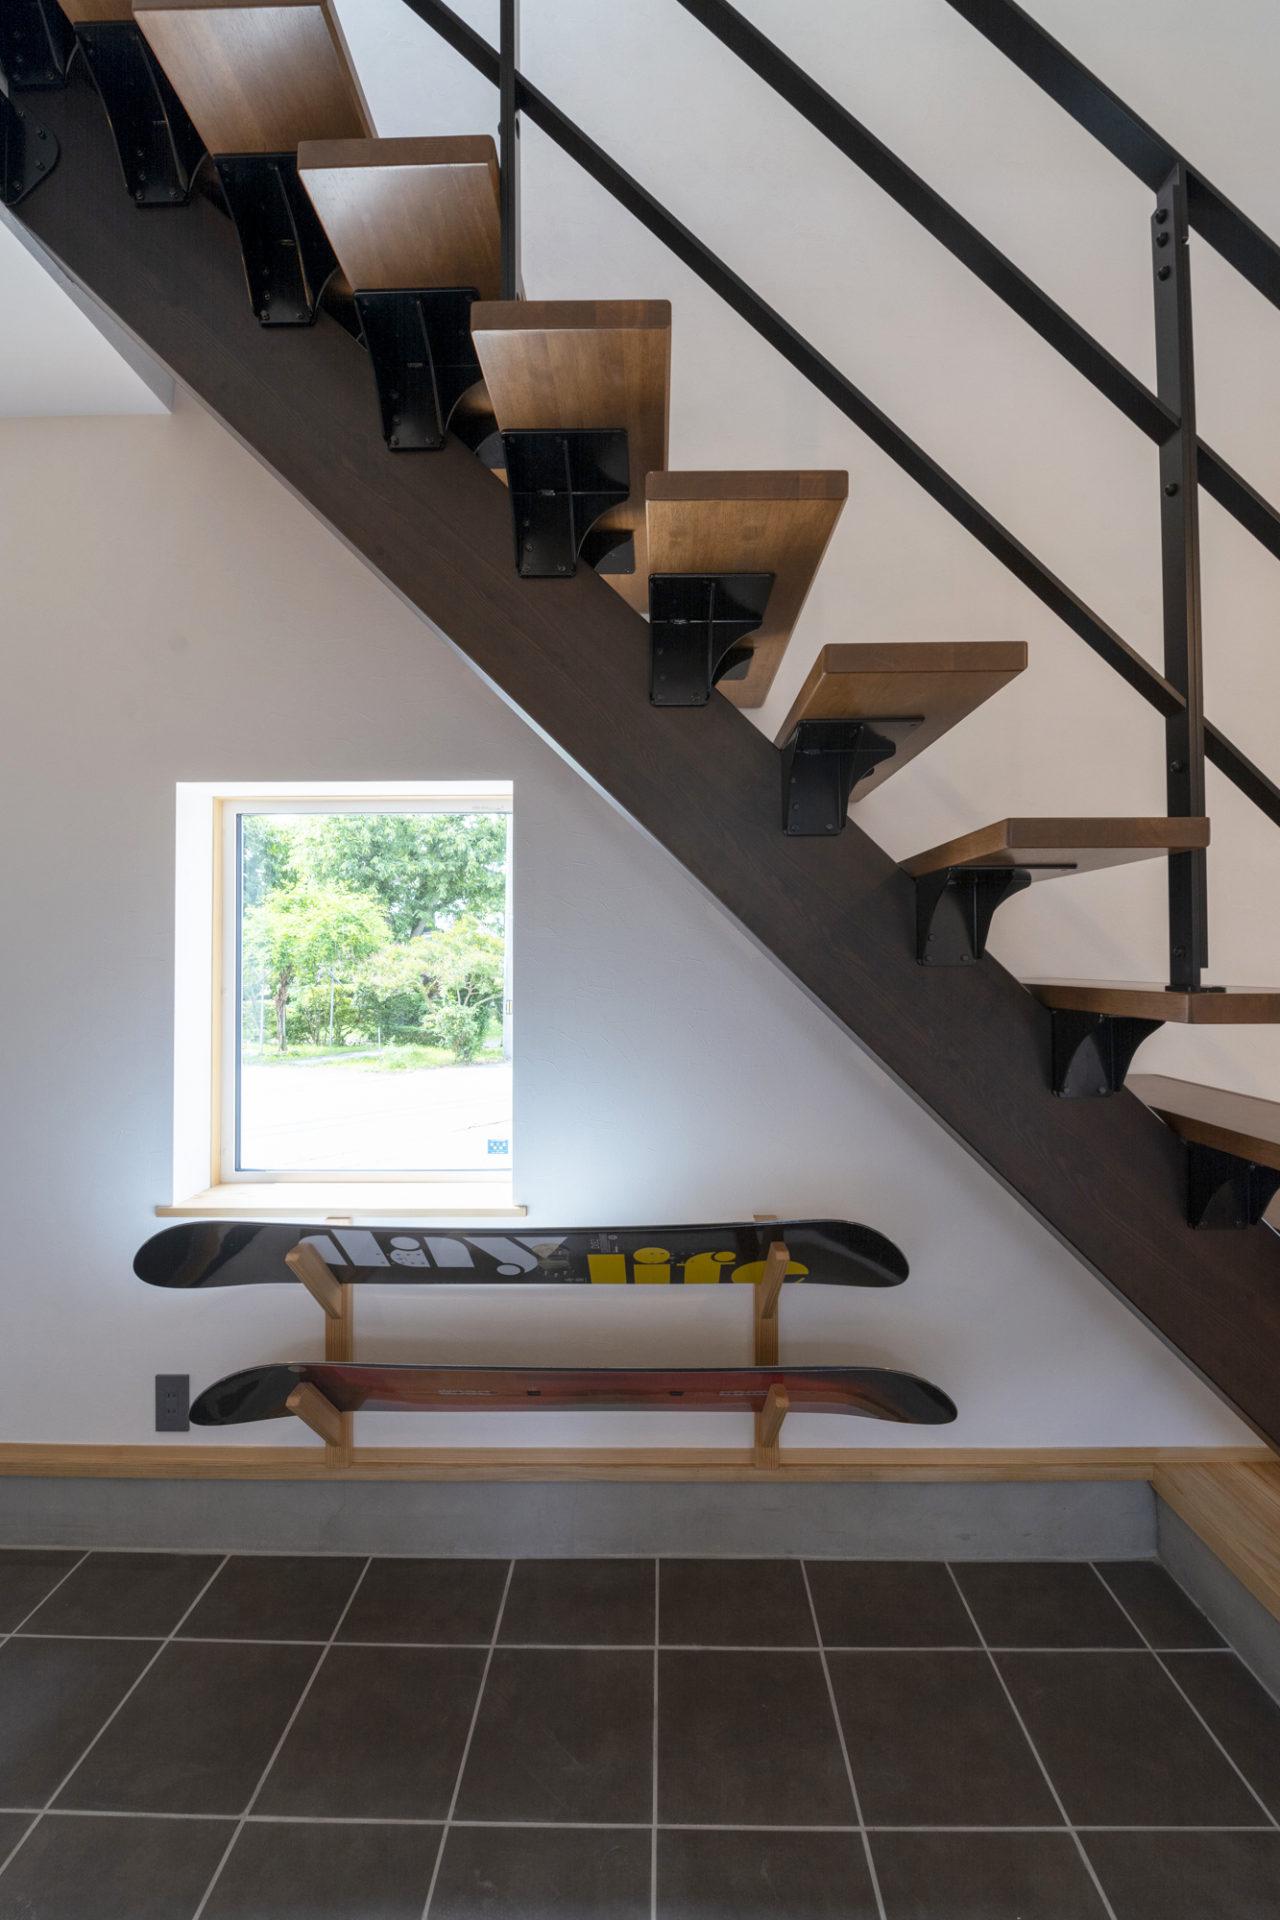 階段下は、スノーボードを飾って、収納とインテリアを兼ねたスペース